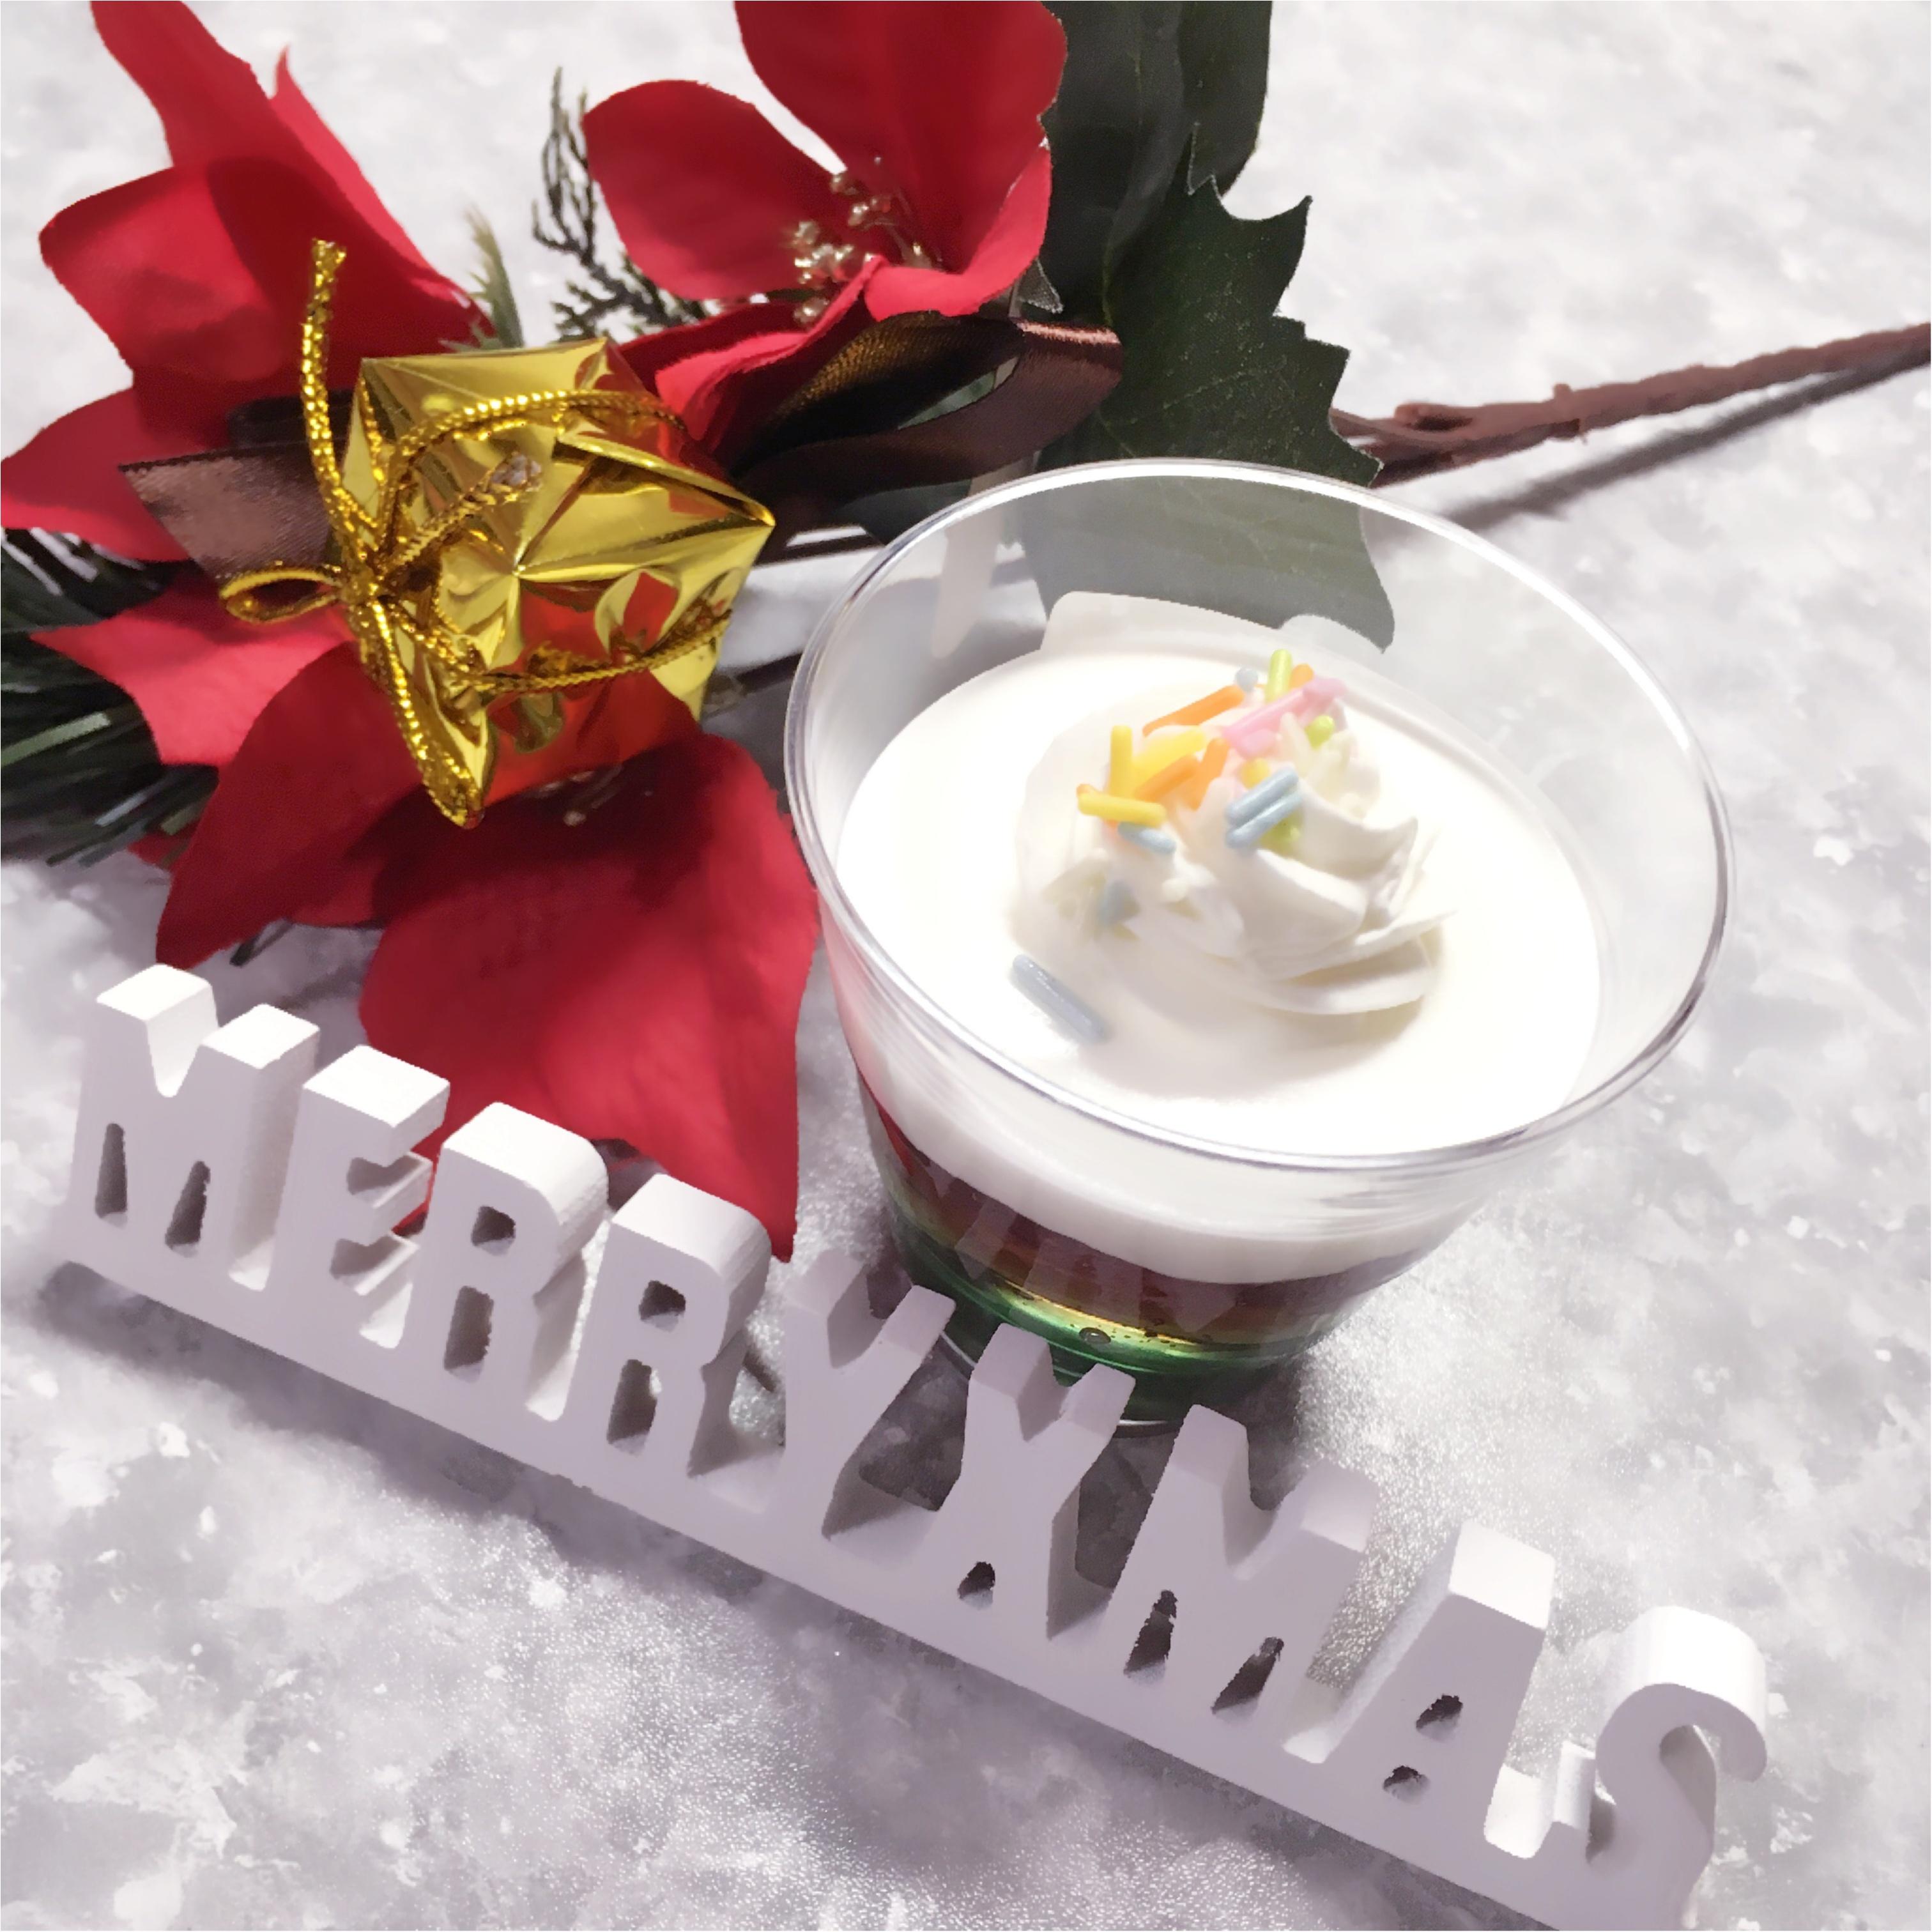 プチプラhappyなクリスマススイーツ♡セブンの『カラフルツリーゼリー』がかわいくてとってもおいしい!_1